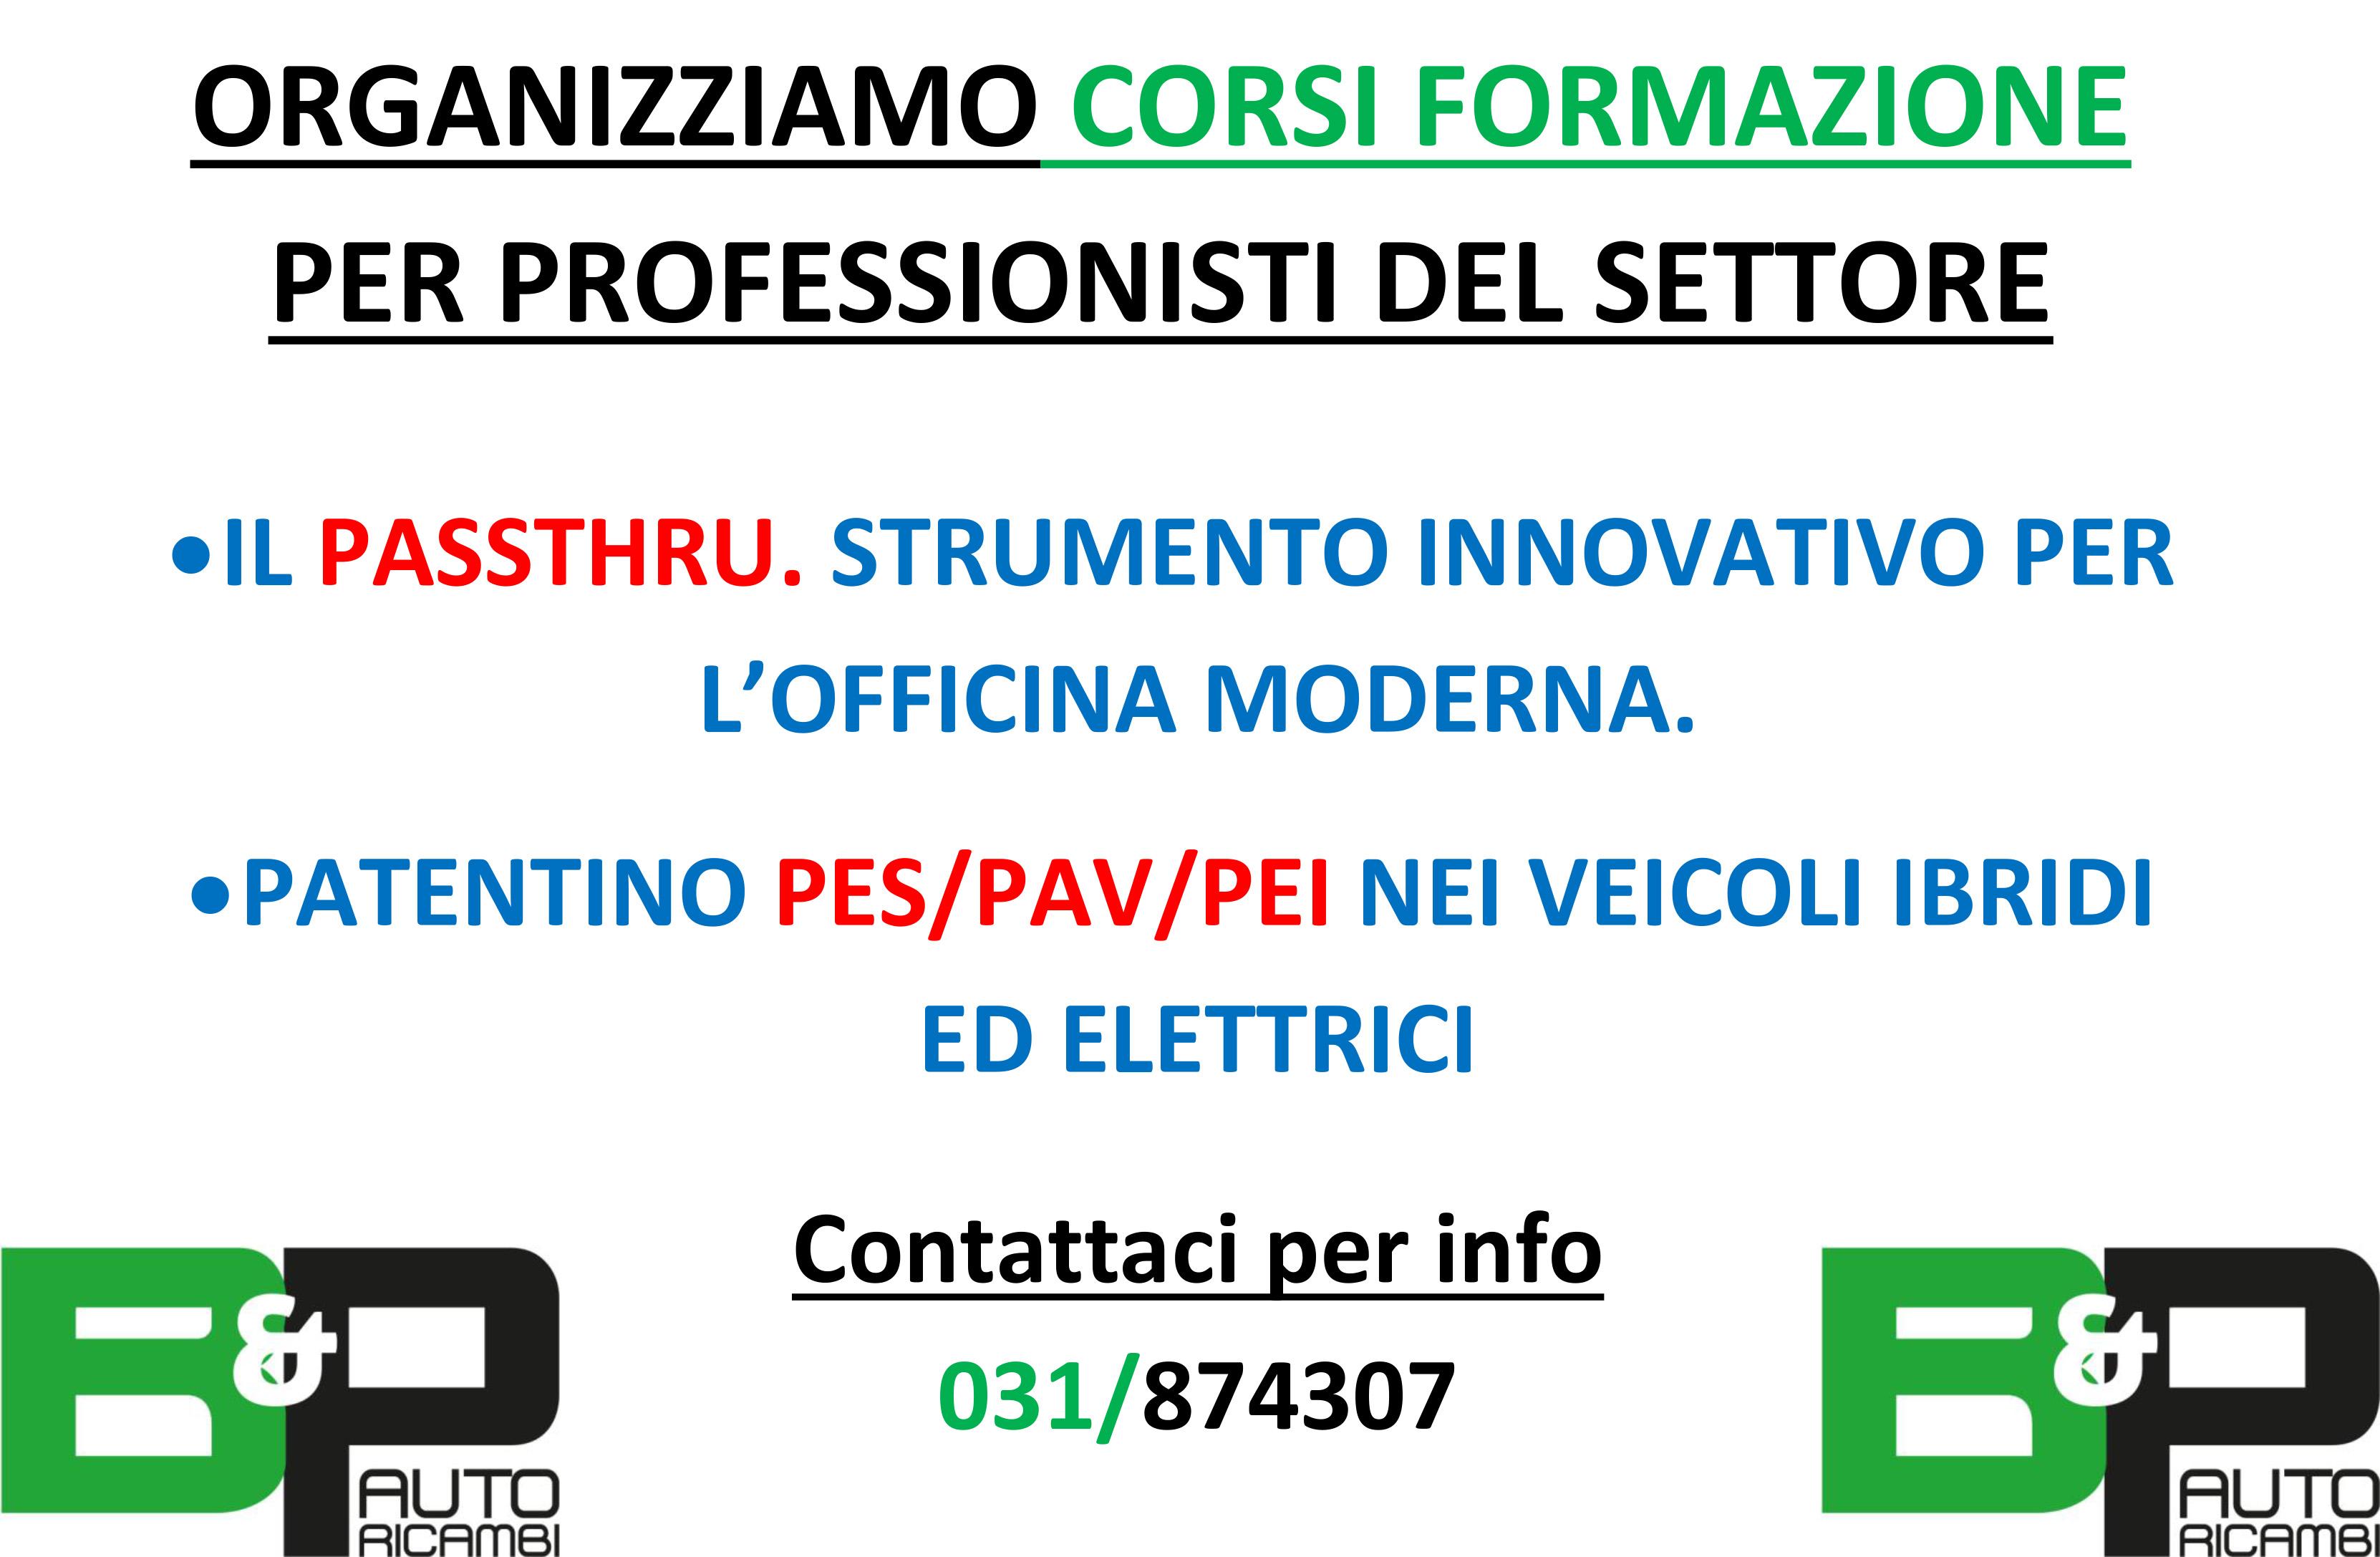 corsi-di-formazione-per-officine-carrozzerie-e-specialisti-del-settore-automotive-